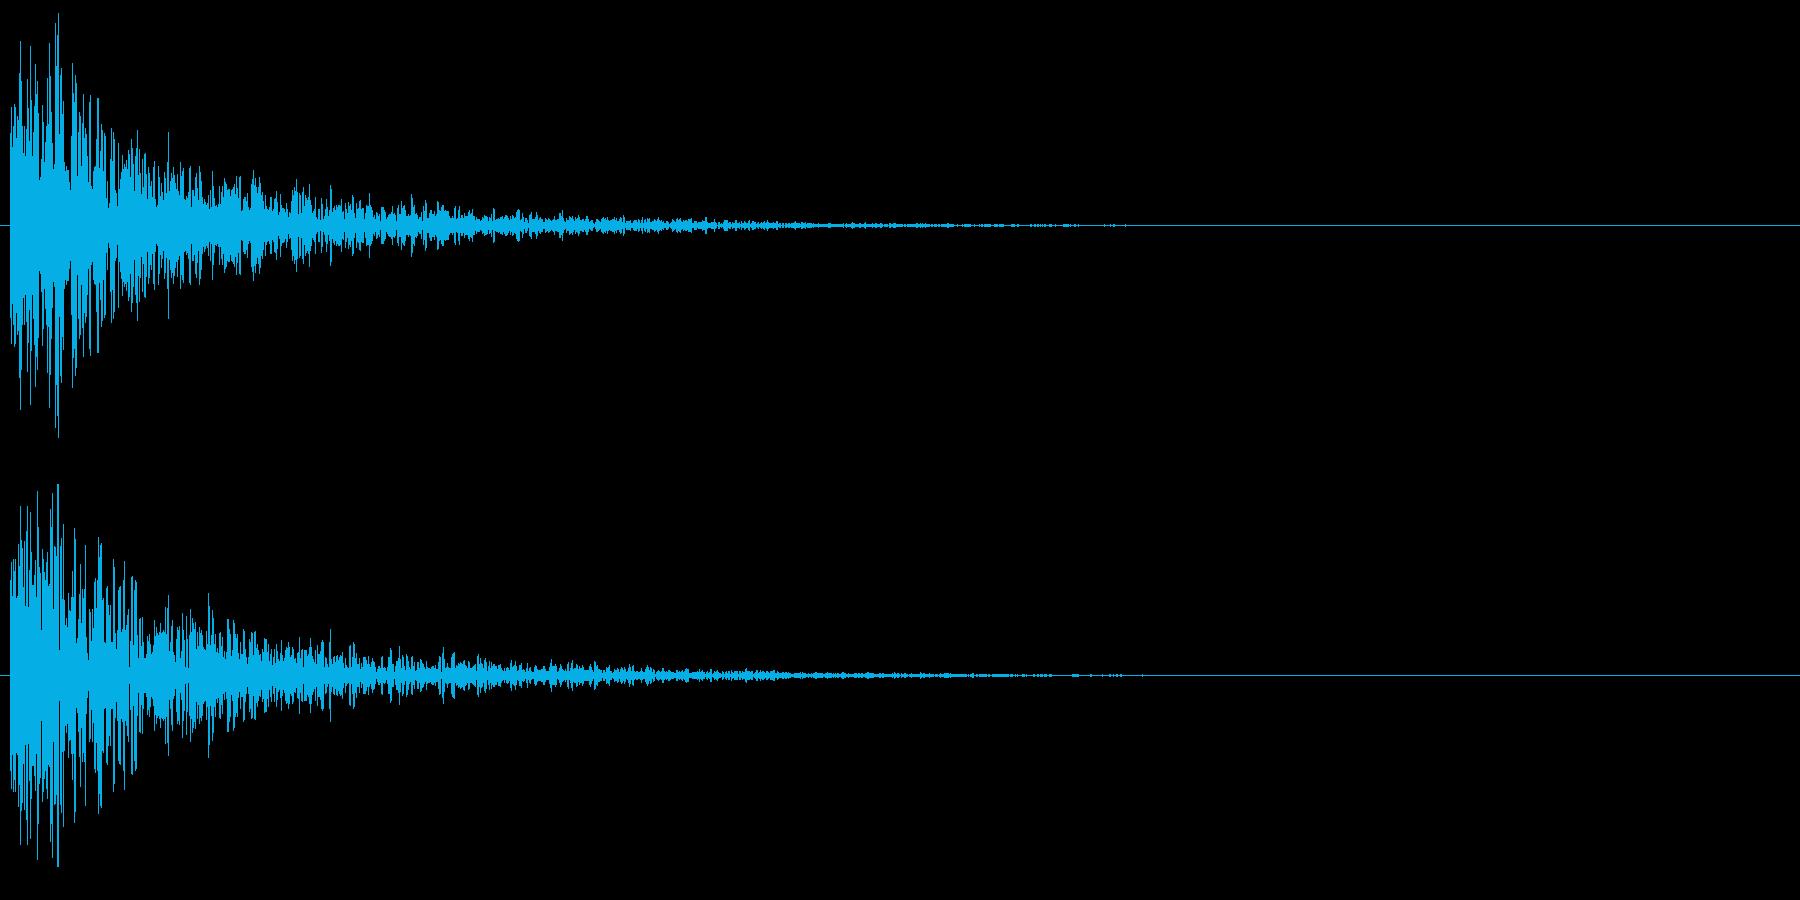 インパクト音 (ドーン)_002の再生済みの波形